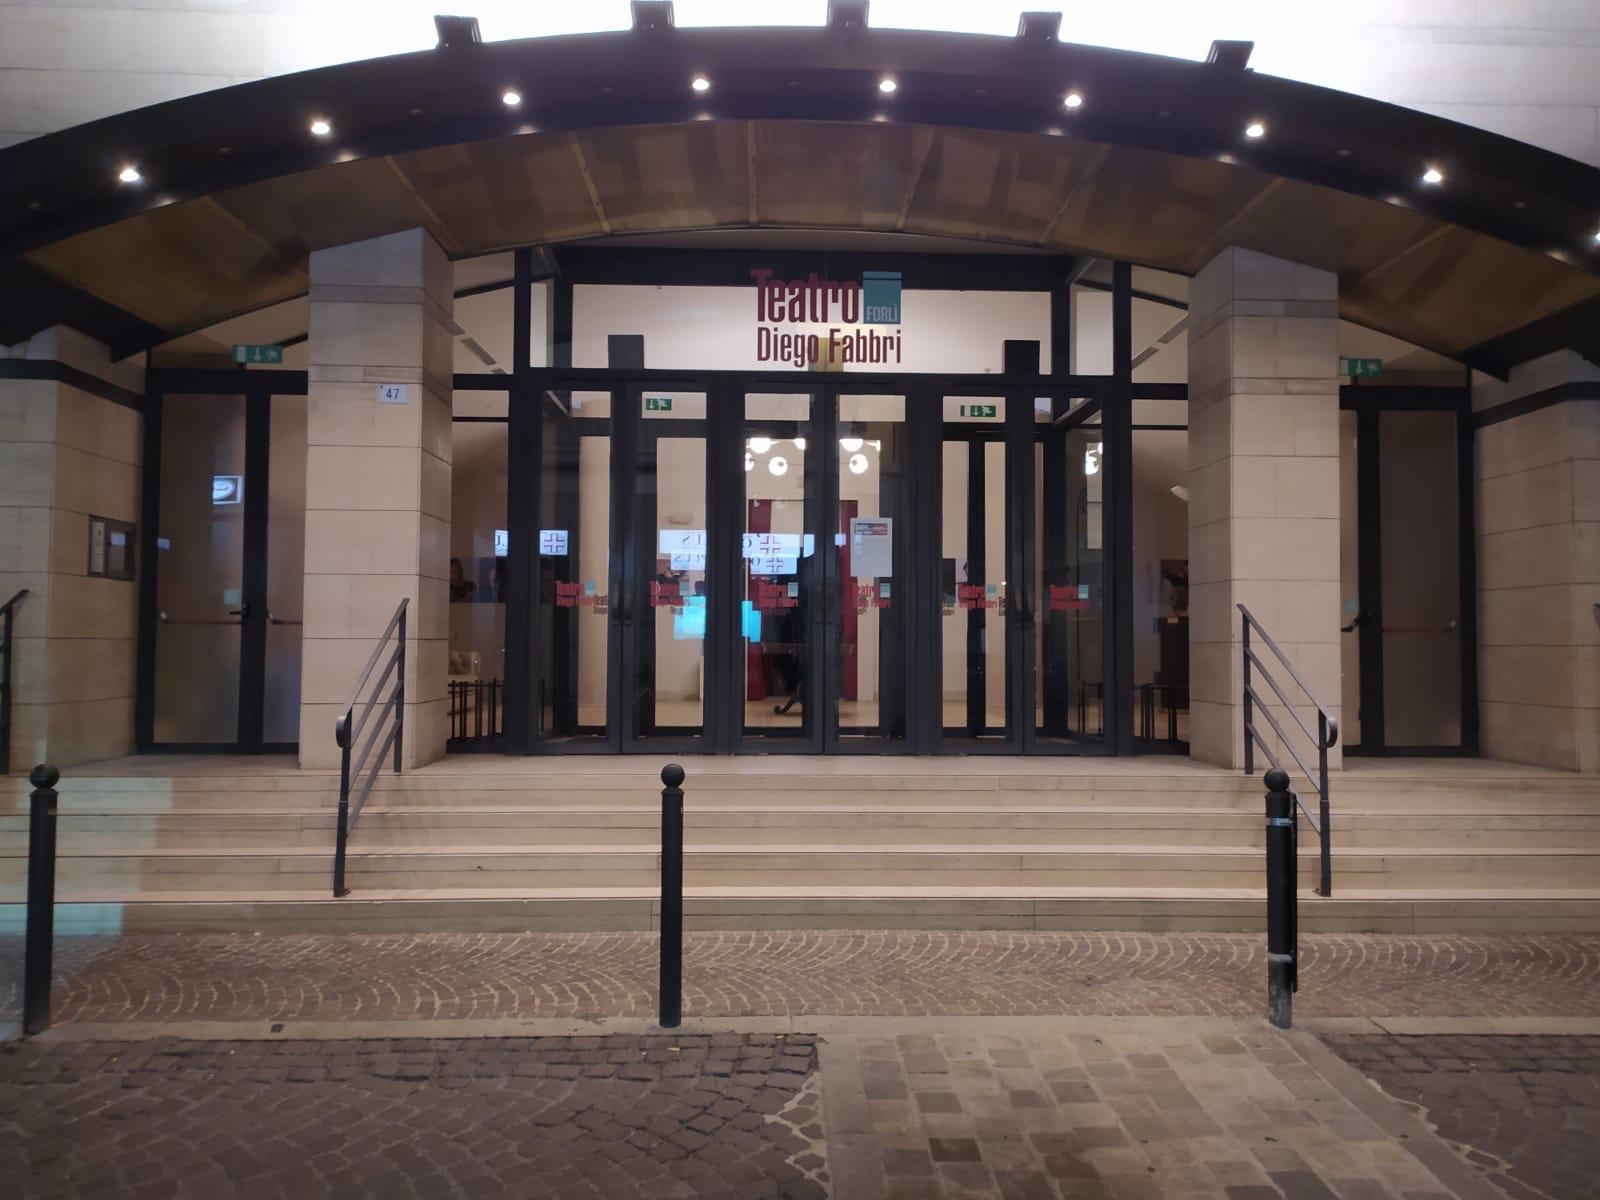 Il Teatro Diego Fabbri fu chiuso il giorno precedente l'apertura della stagione invernale, in ottemperanza al Dpcm. Aveva appena inaugurato il dono del lampadario che da allora è rimasto acceso nell'atrio ad aspettare gli spettatori.